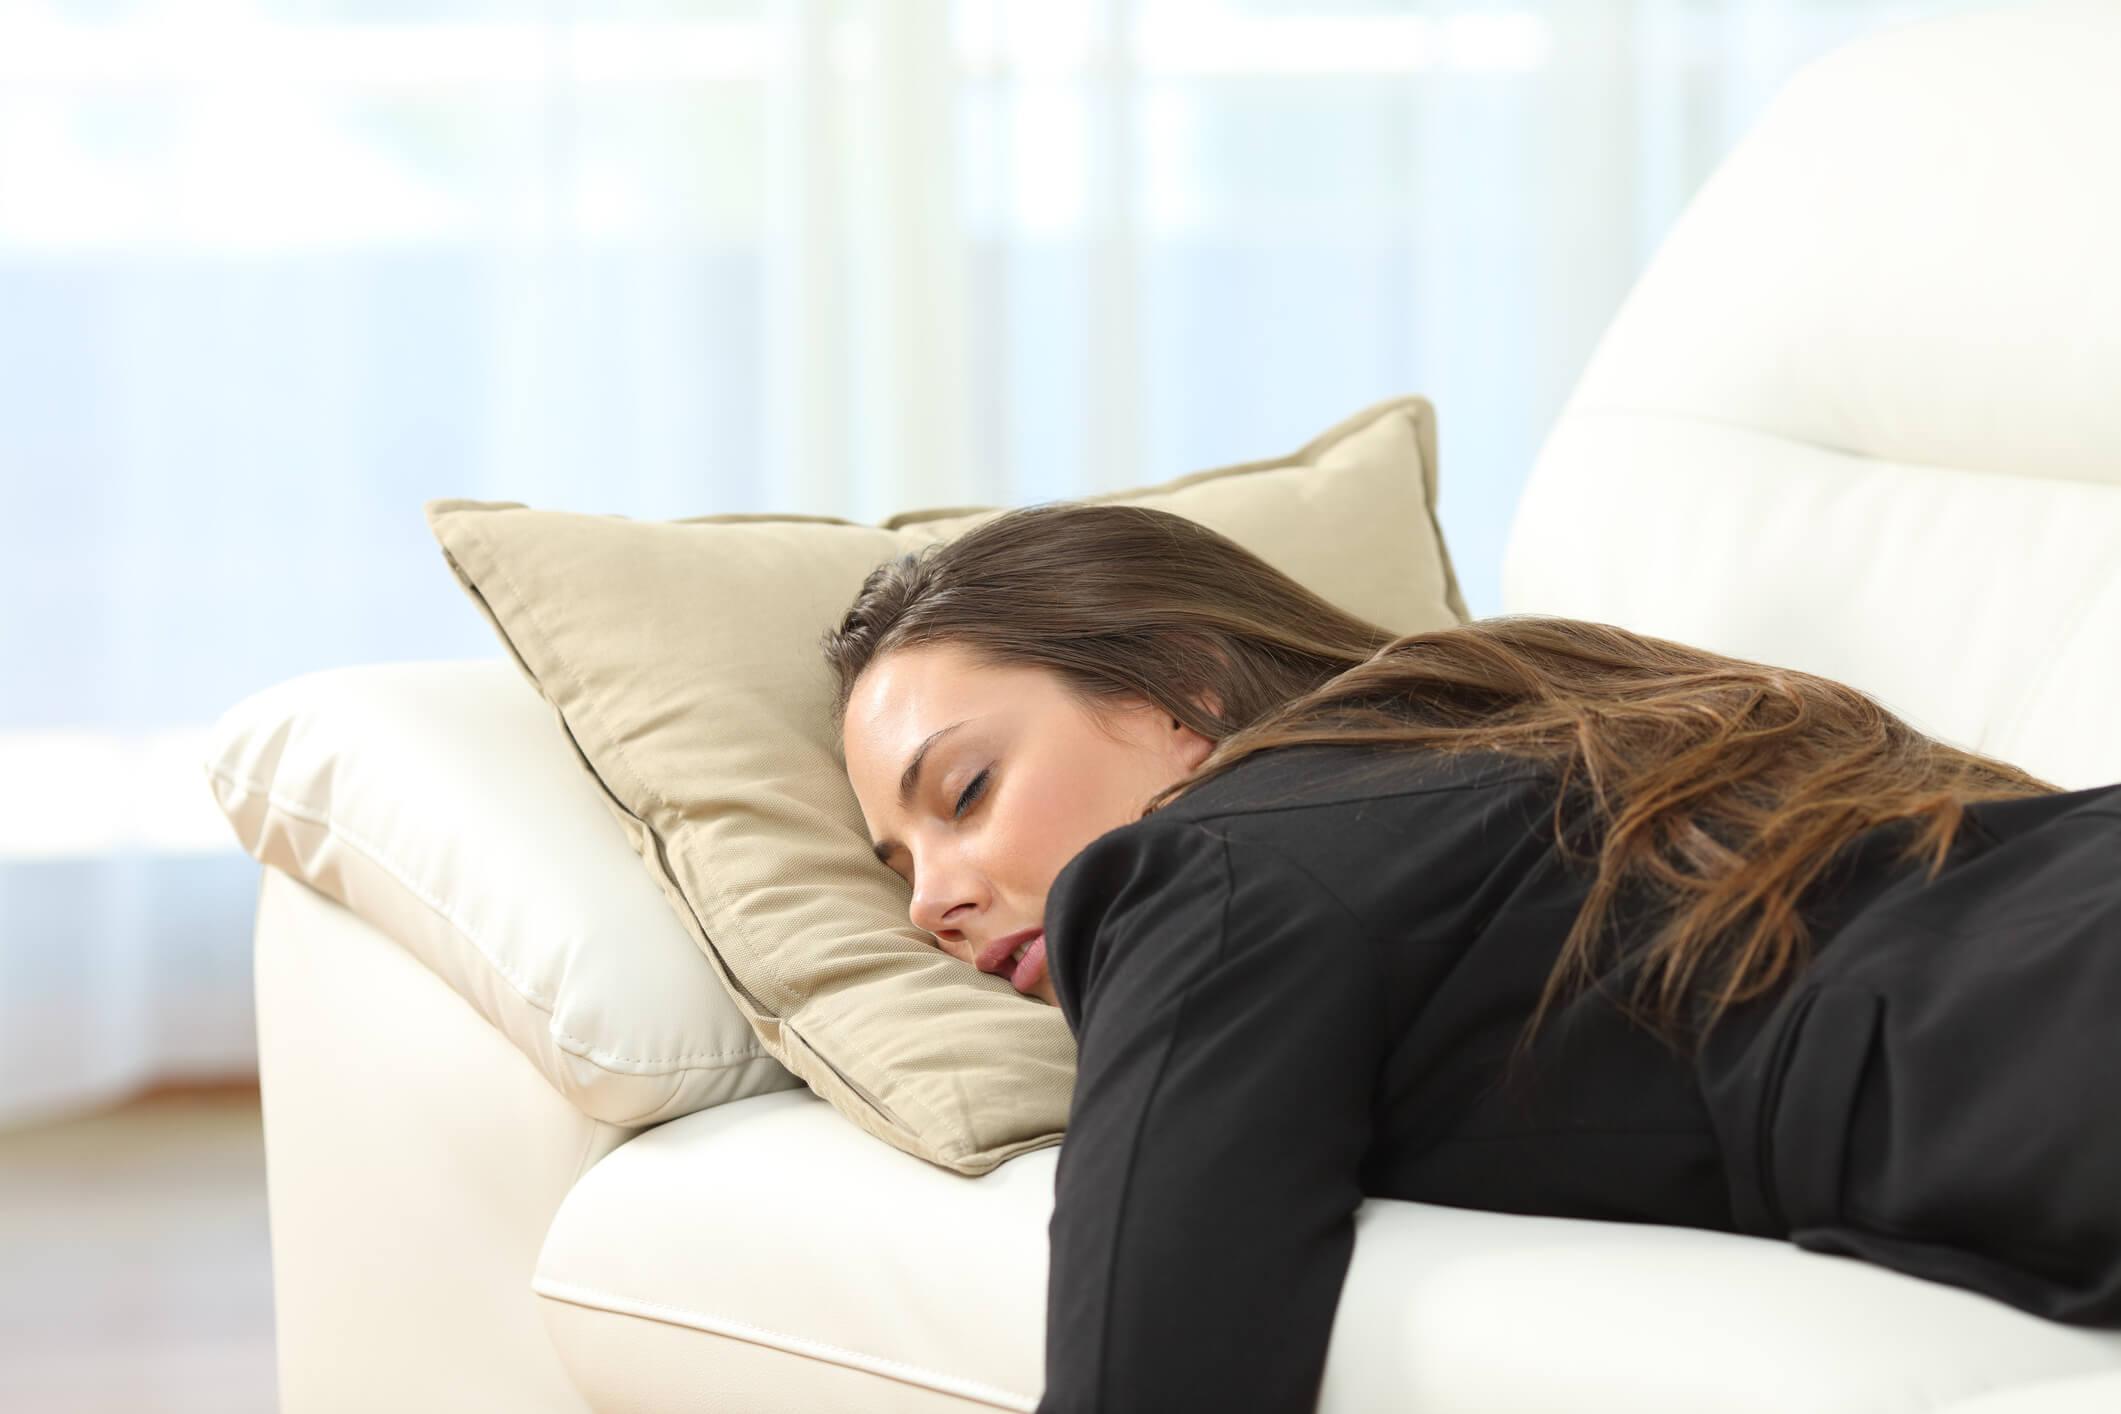 Teveel slapen is niet goed en heeft risico's